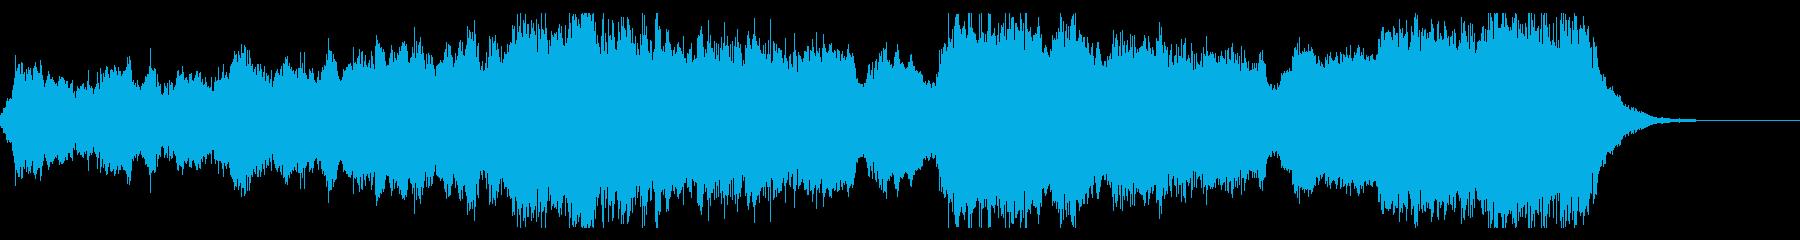 TVでも使われるクラシック キエフ Mの再生済みの波形